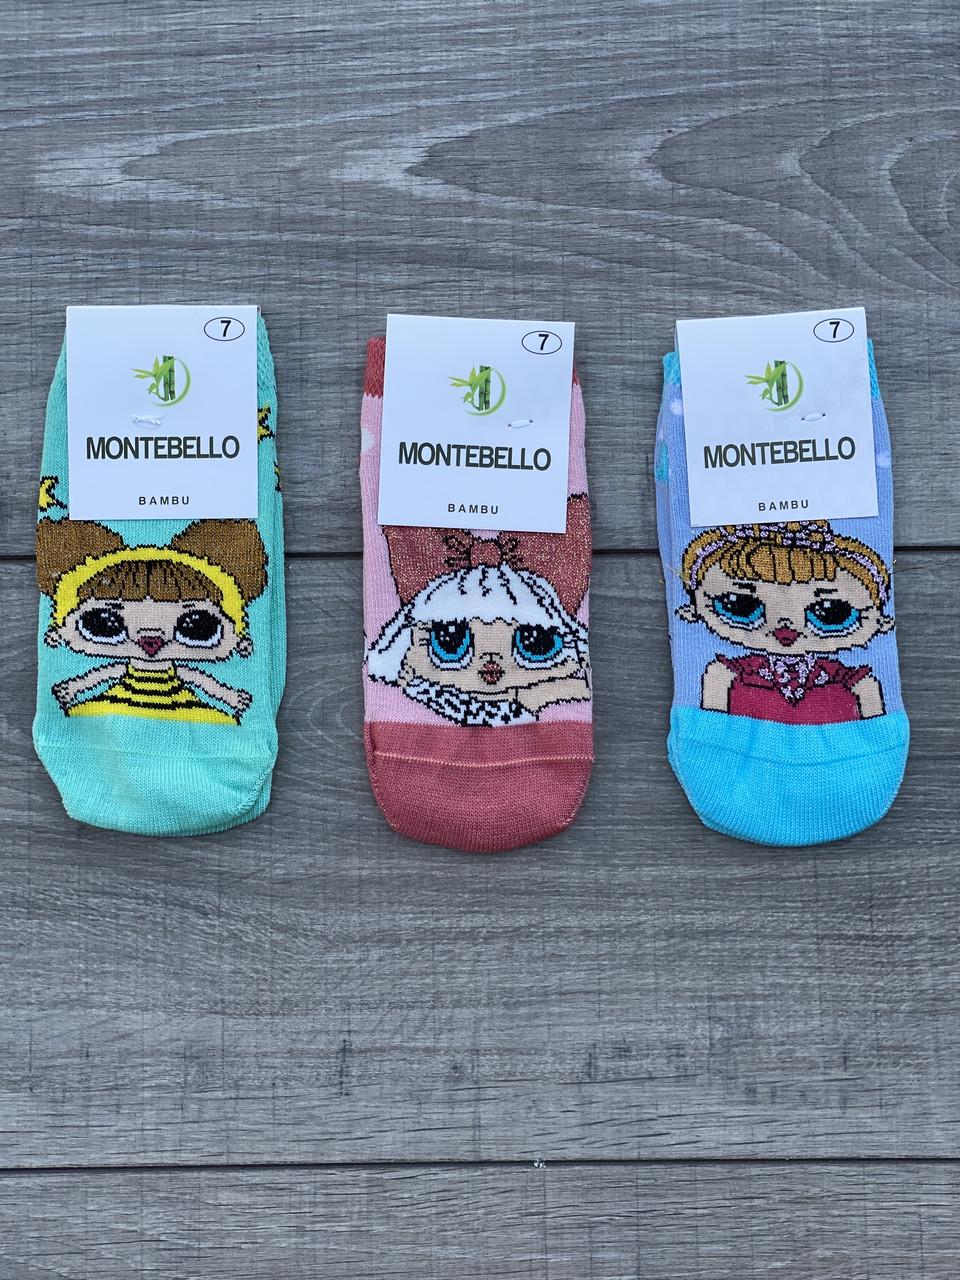 Дитячі бамбукові шкарпетки Montebello для дівчаток з ляльками ЛОЛ 1,3,5,7 років 12 шт в уп мікс 3х кольорів